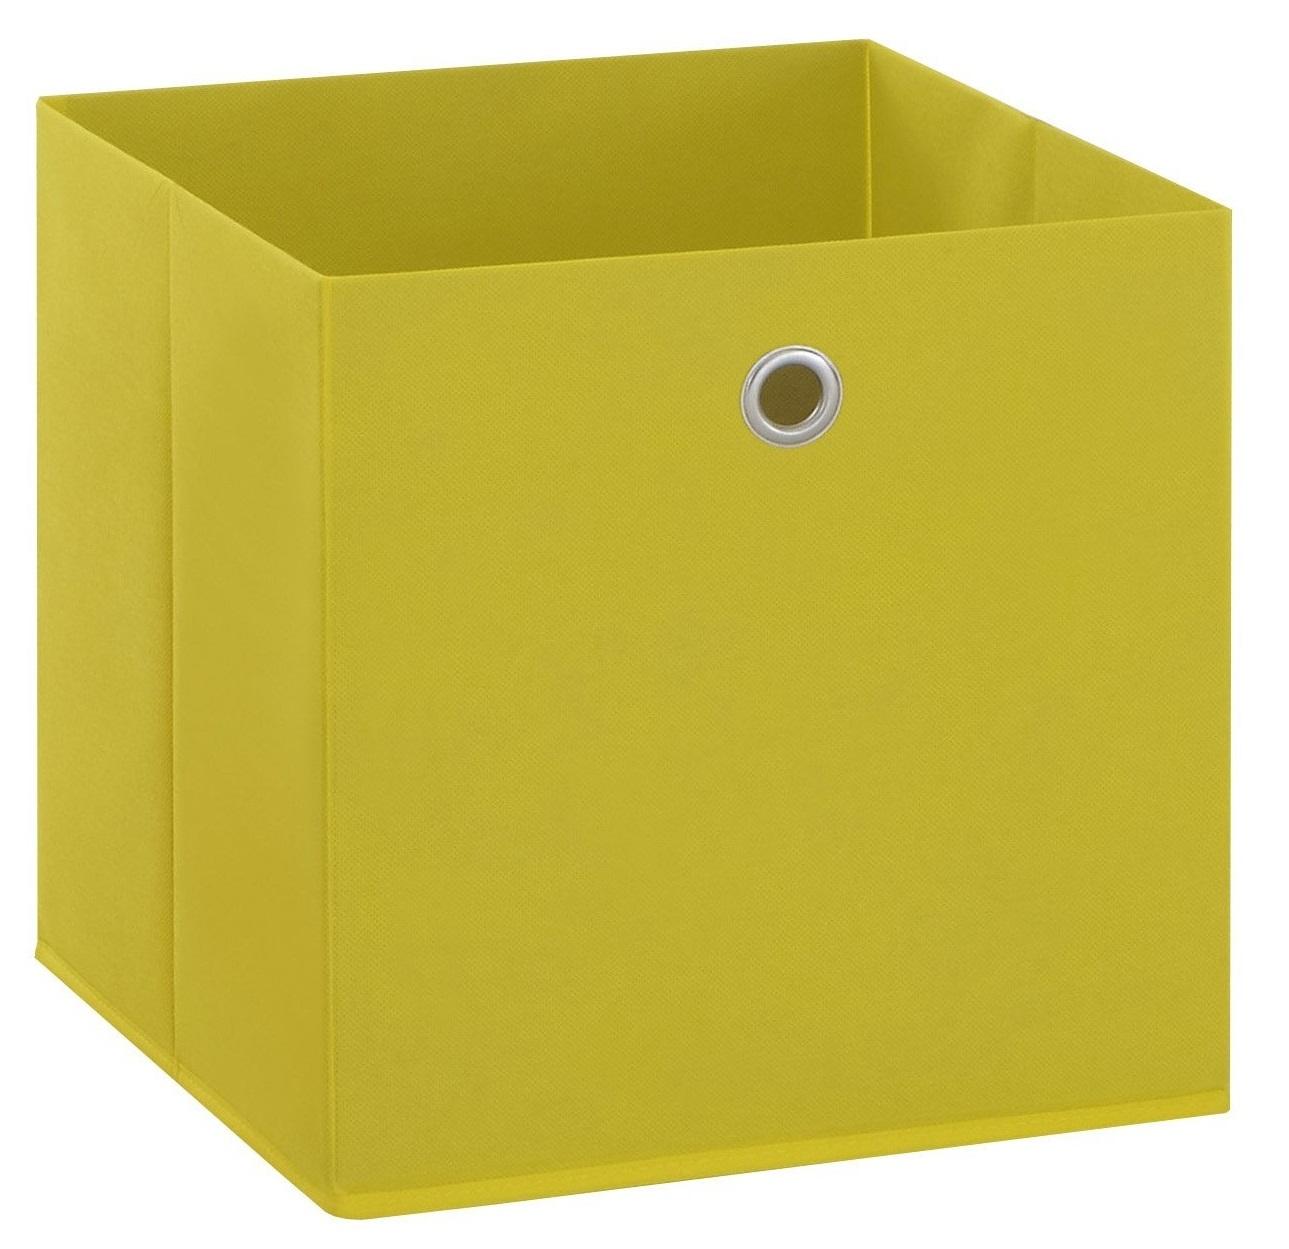 Opbergbox Mega Geel